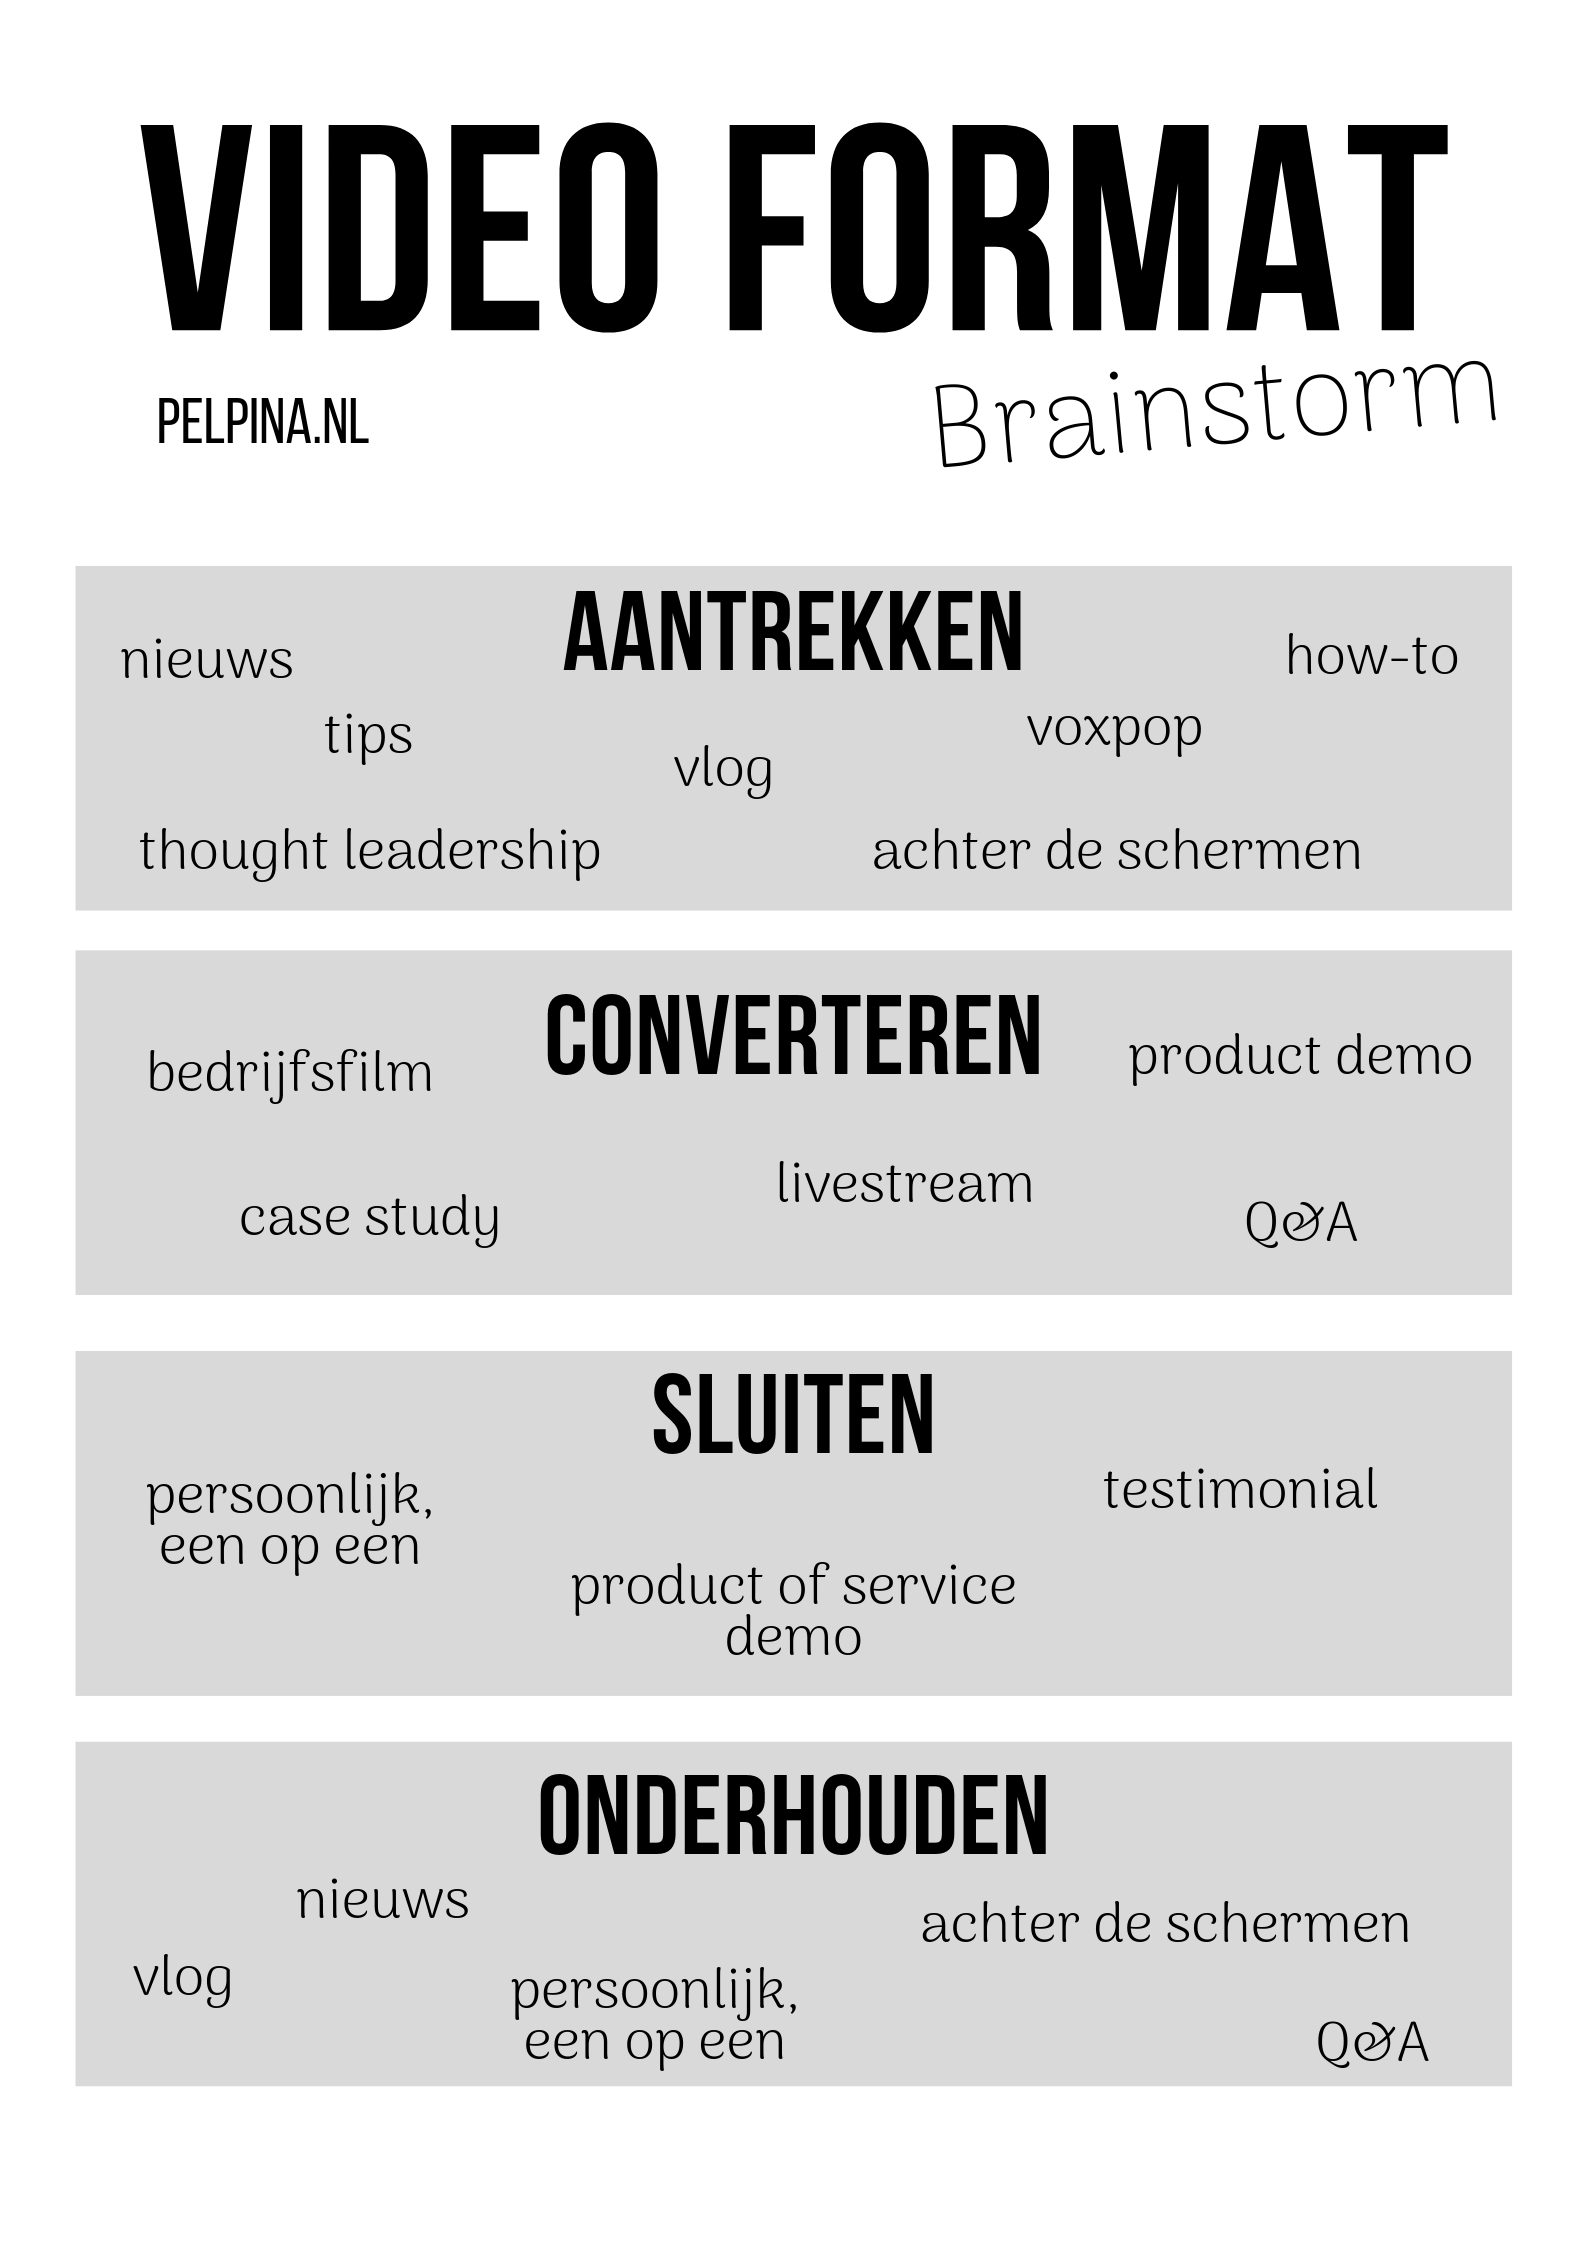 Brainstorm-canvas voor het juiste video-format